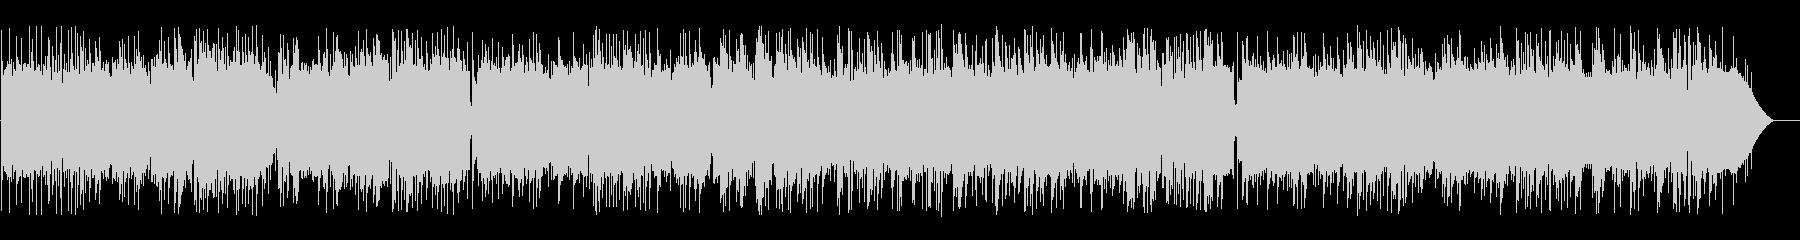 ギターデュオのニューエイジサウンドの未再生の波形